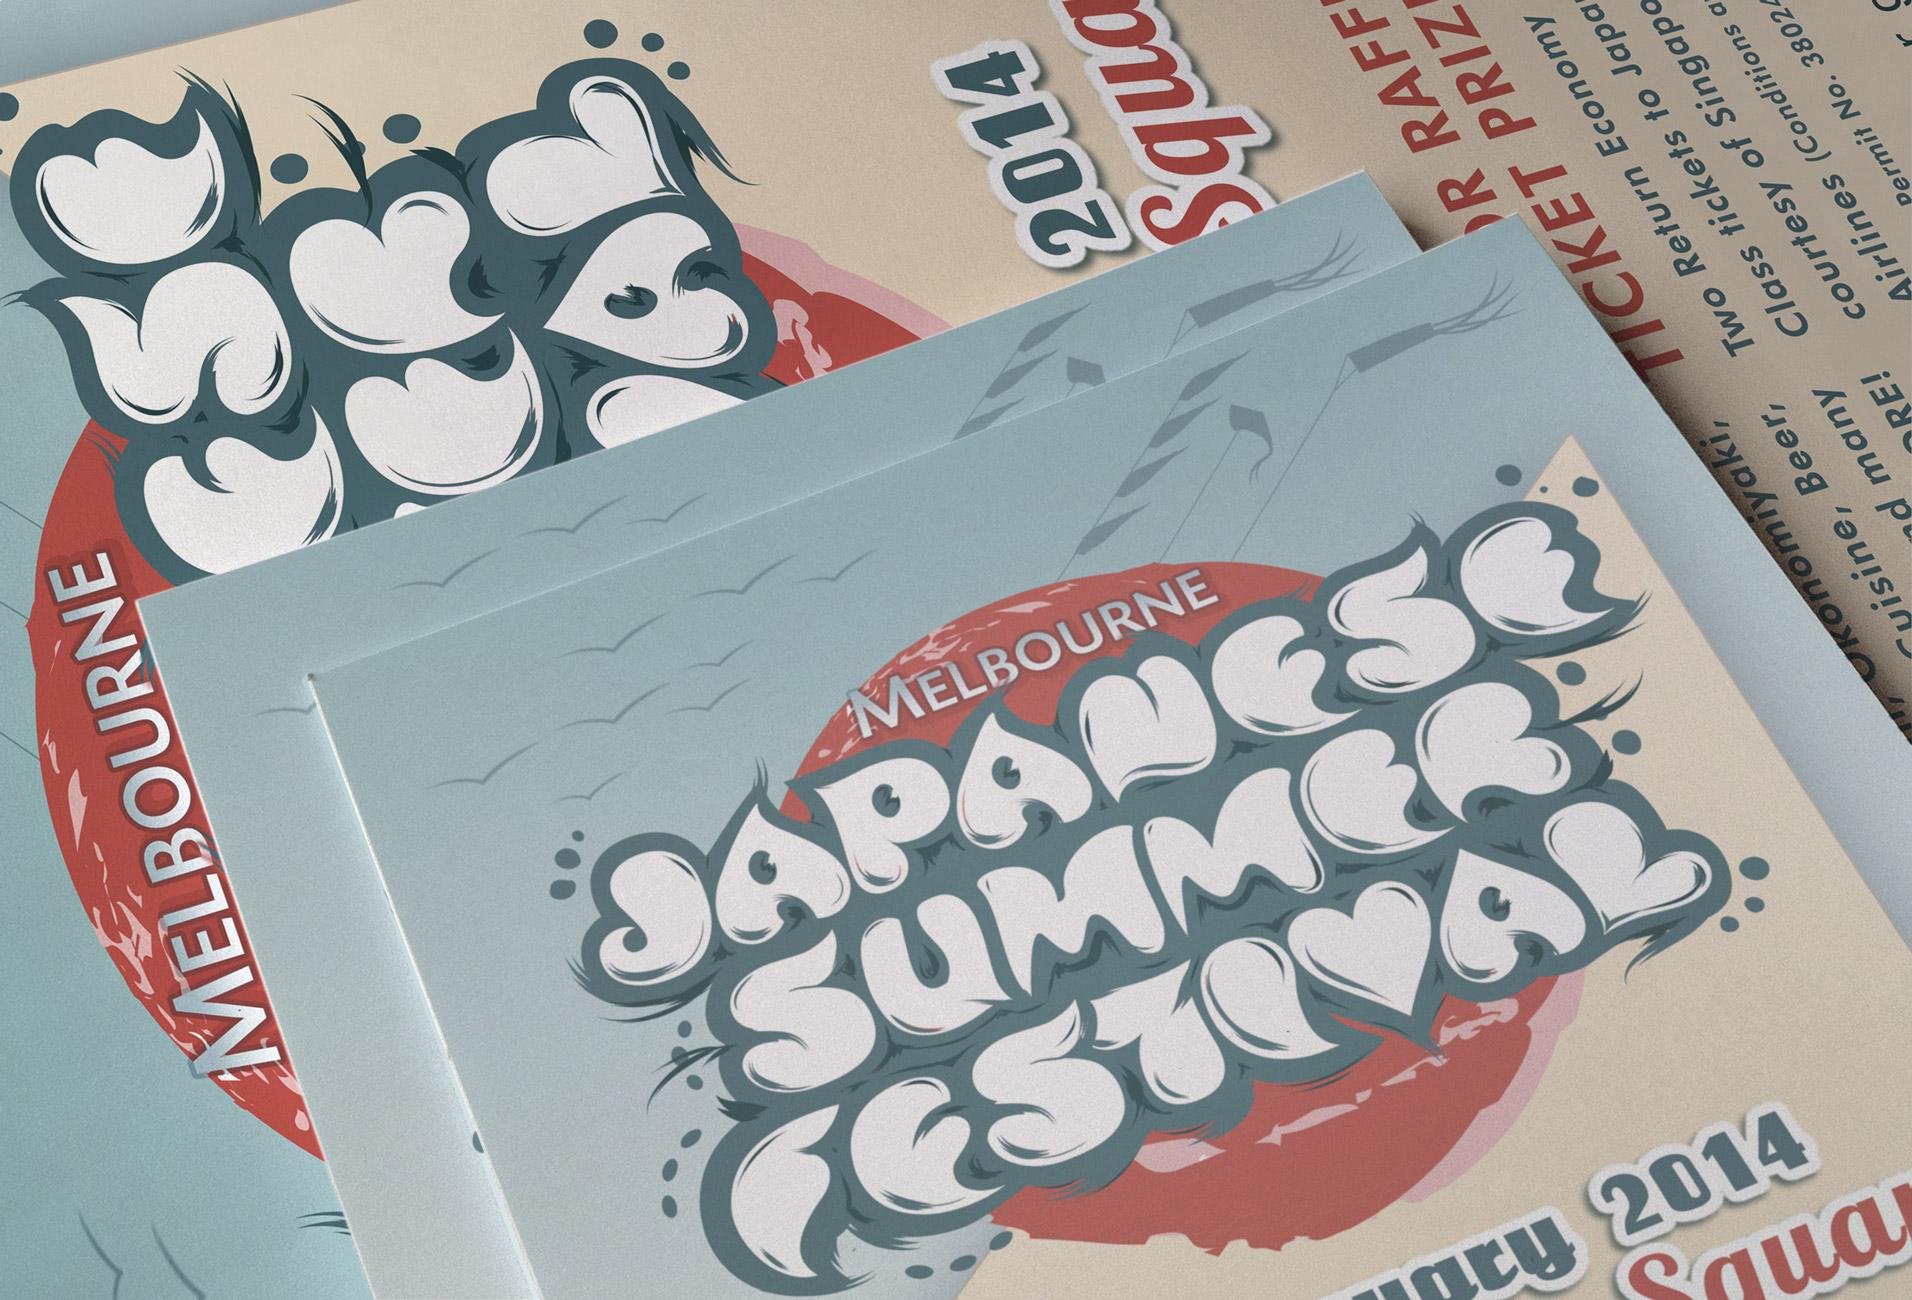 Japanese Summer Festival 2013 Flyer